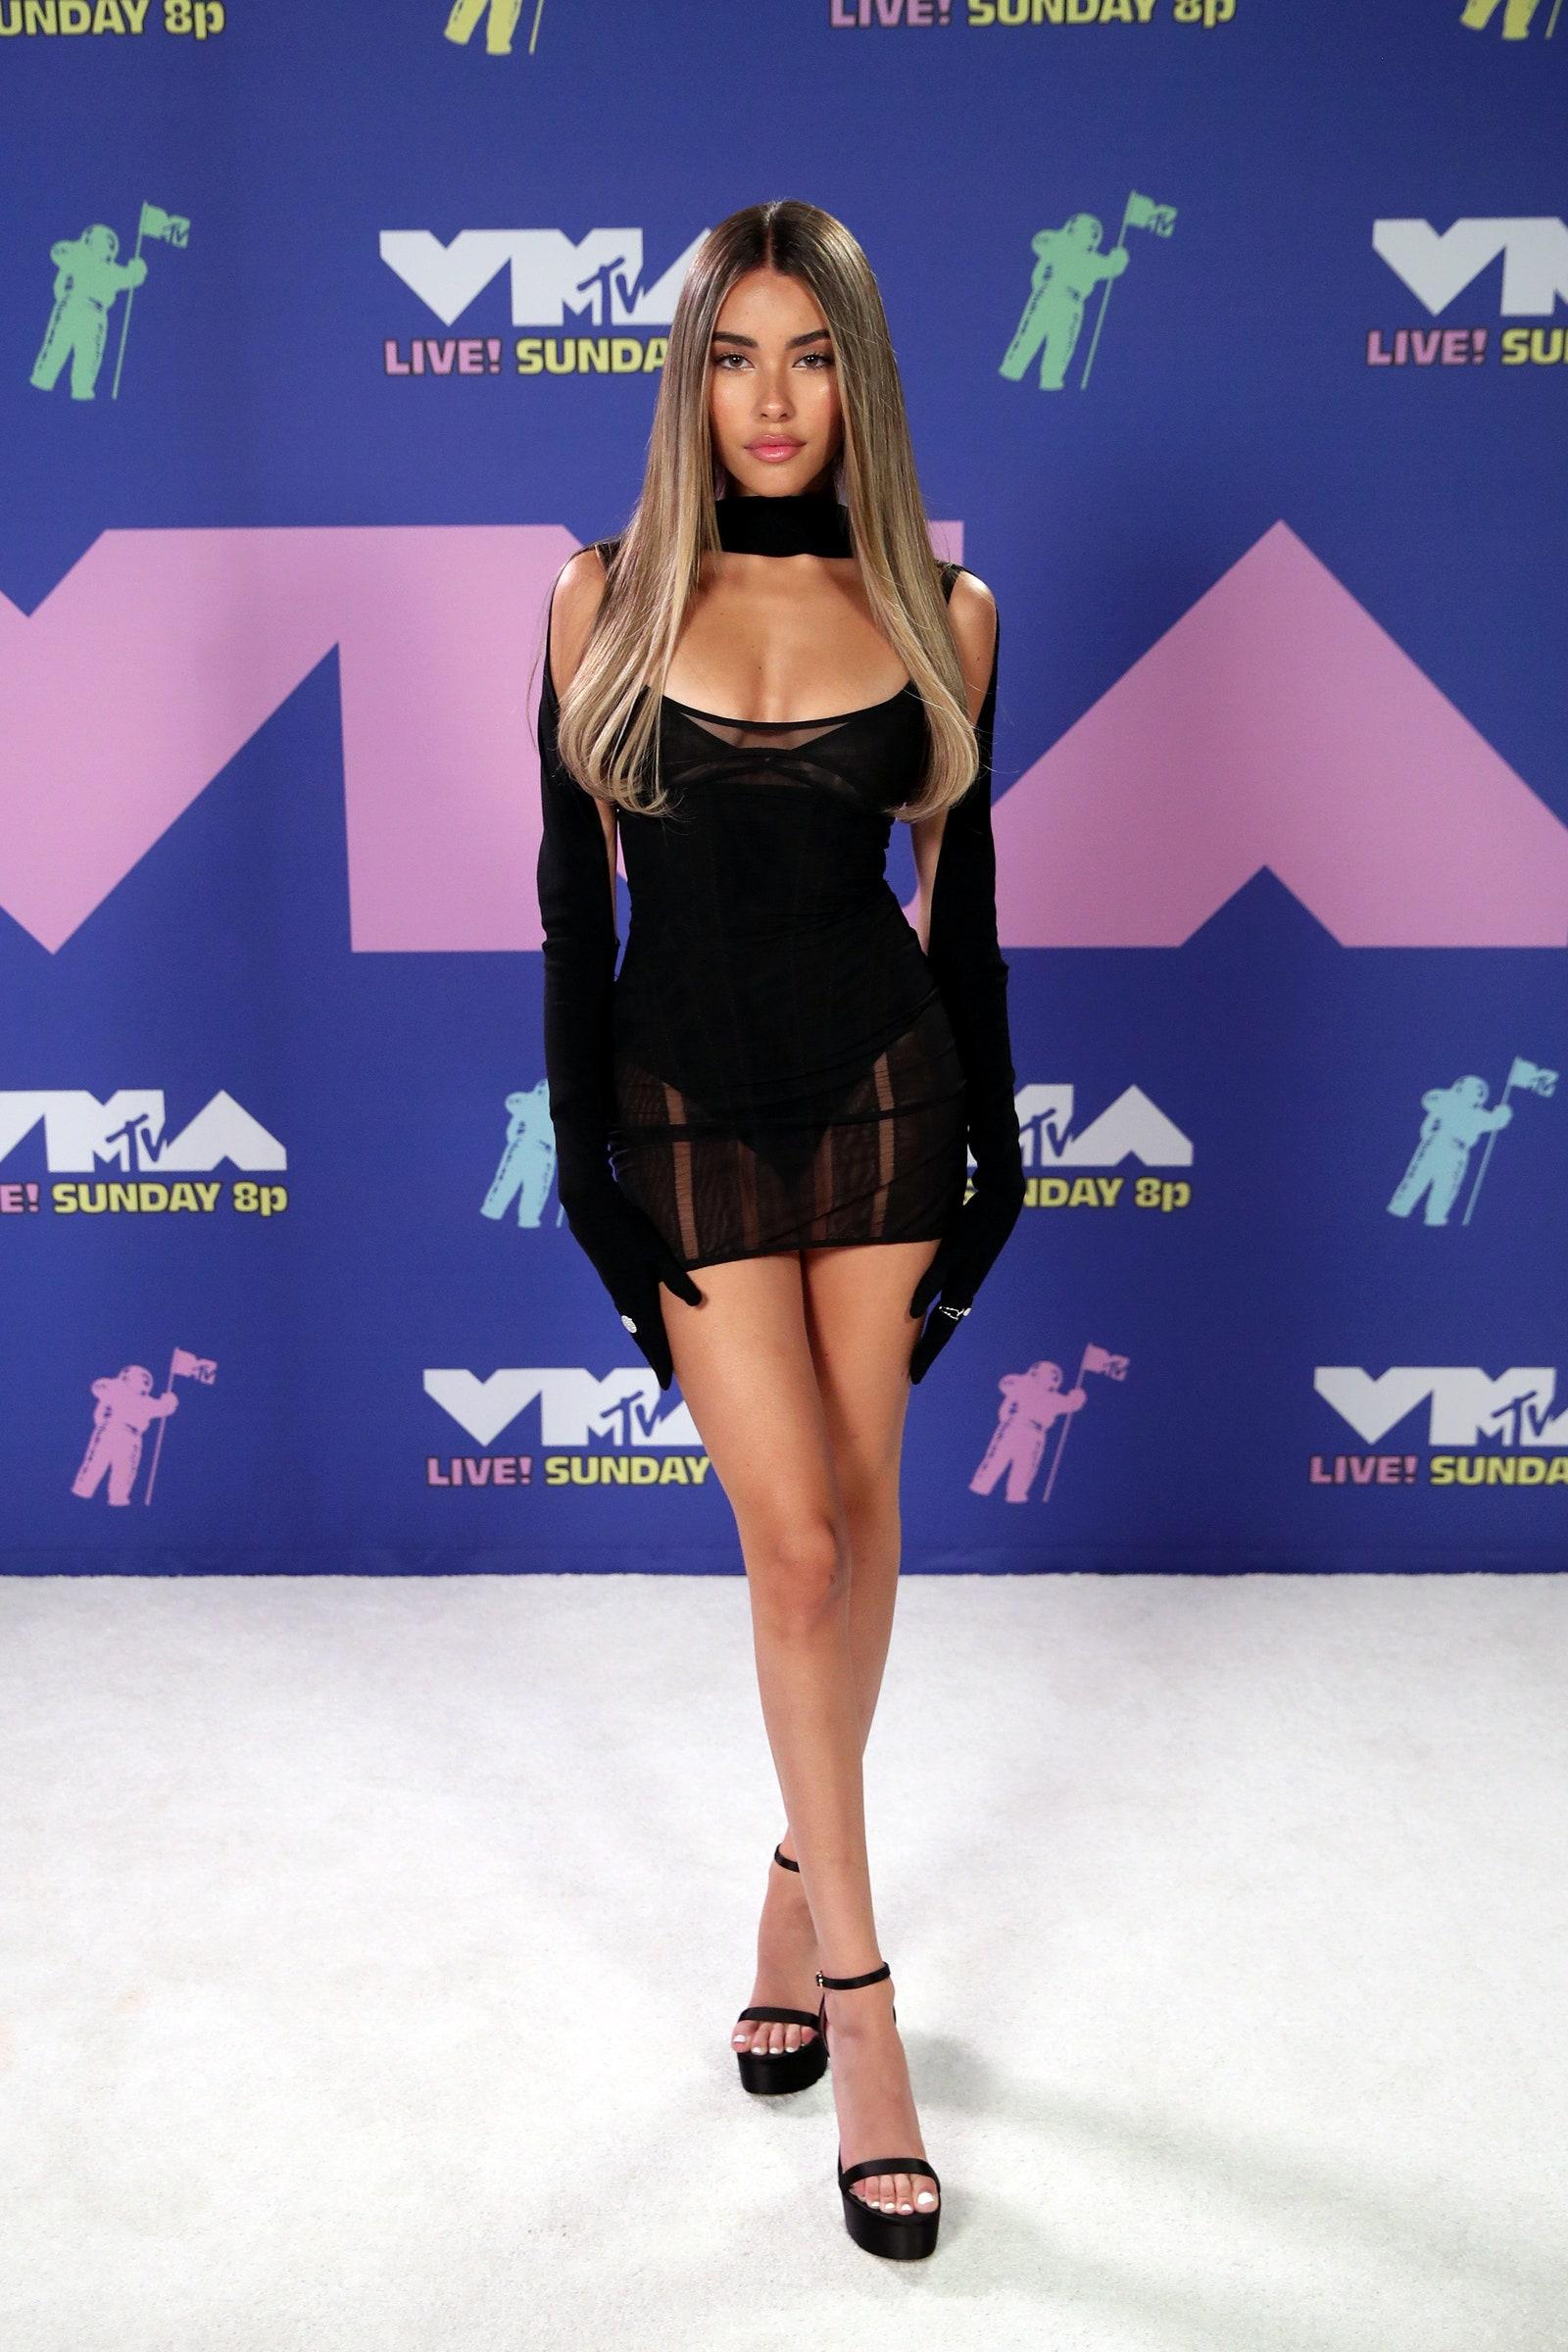 Madison Beer énekesnő, aki Justin Bieber tweetjének köszönhetően lett ismert, Mugler ruhába bújt - Getty Images for MTV